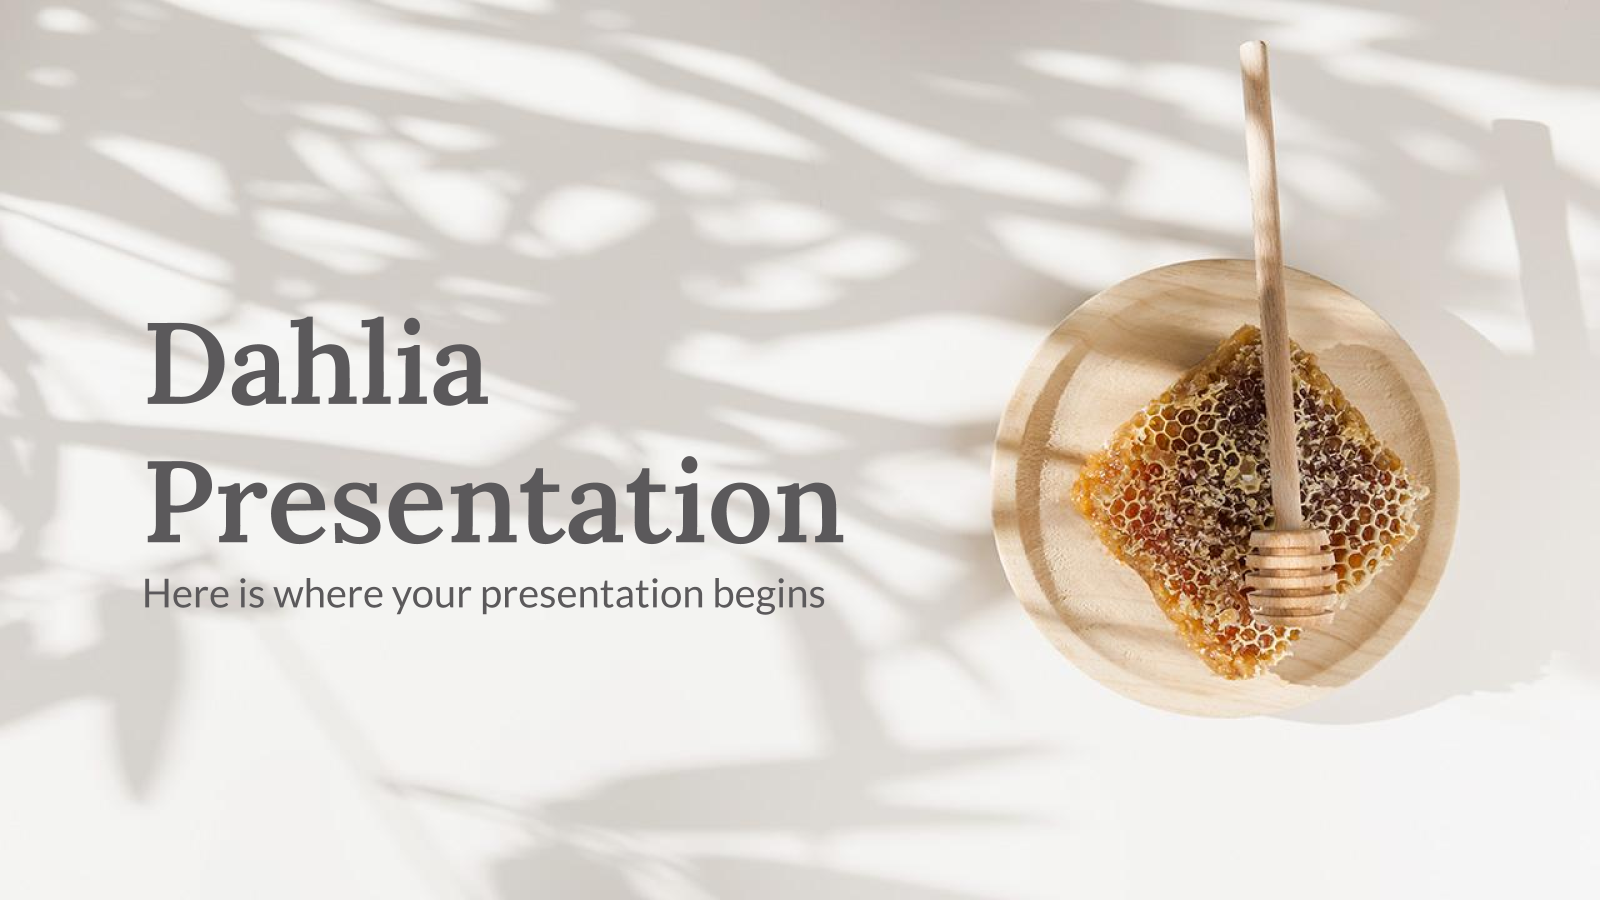 Dahlia presentation template